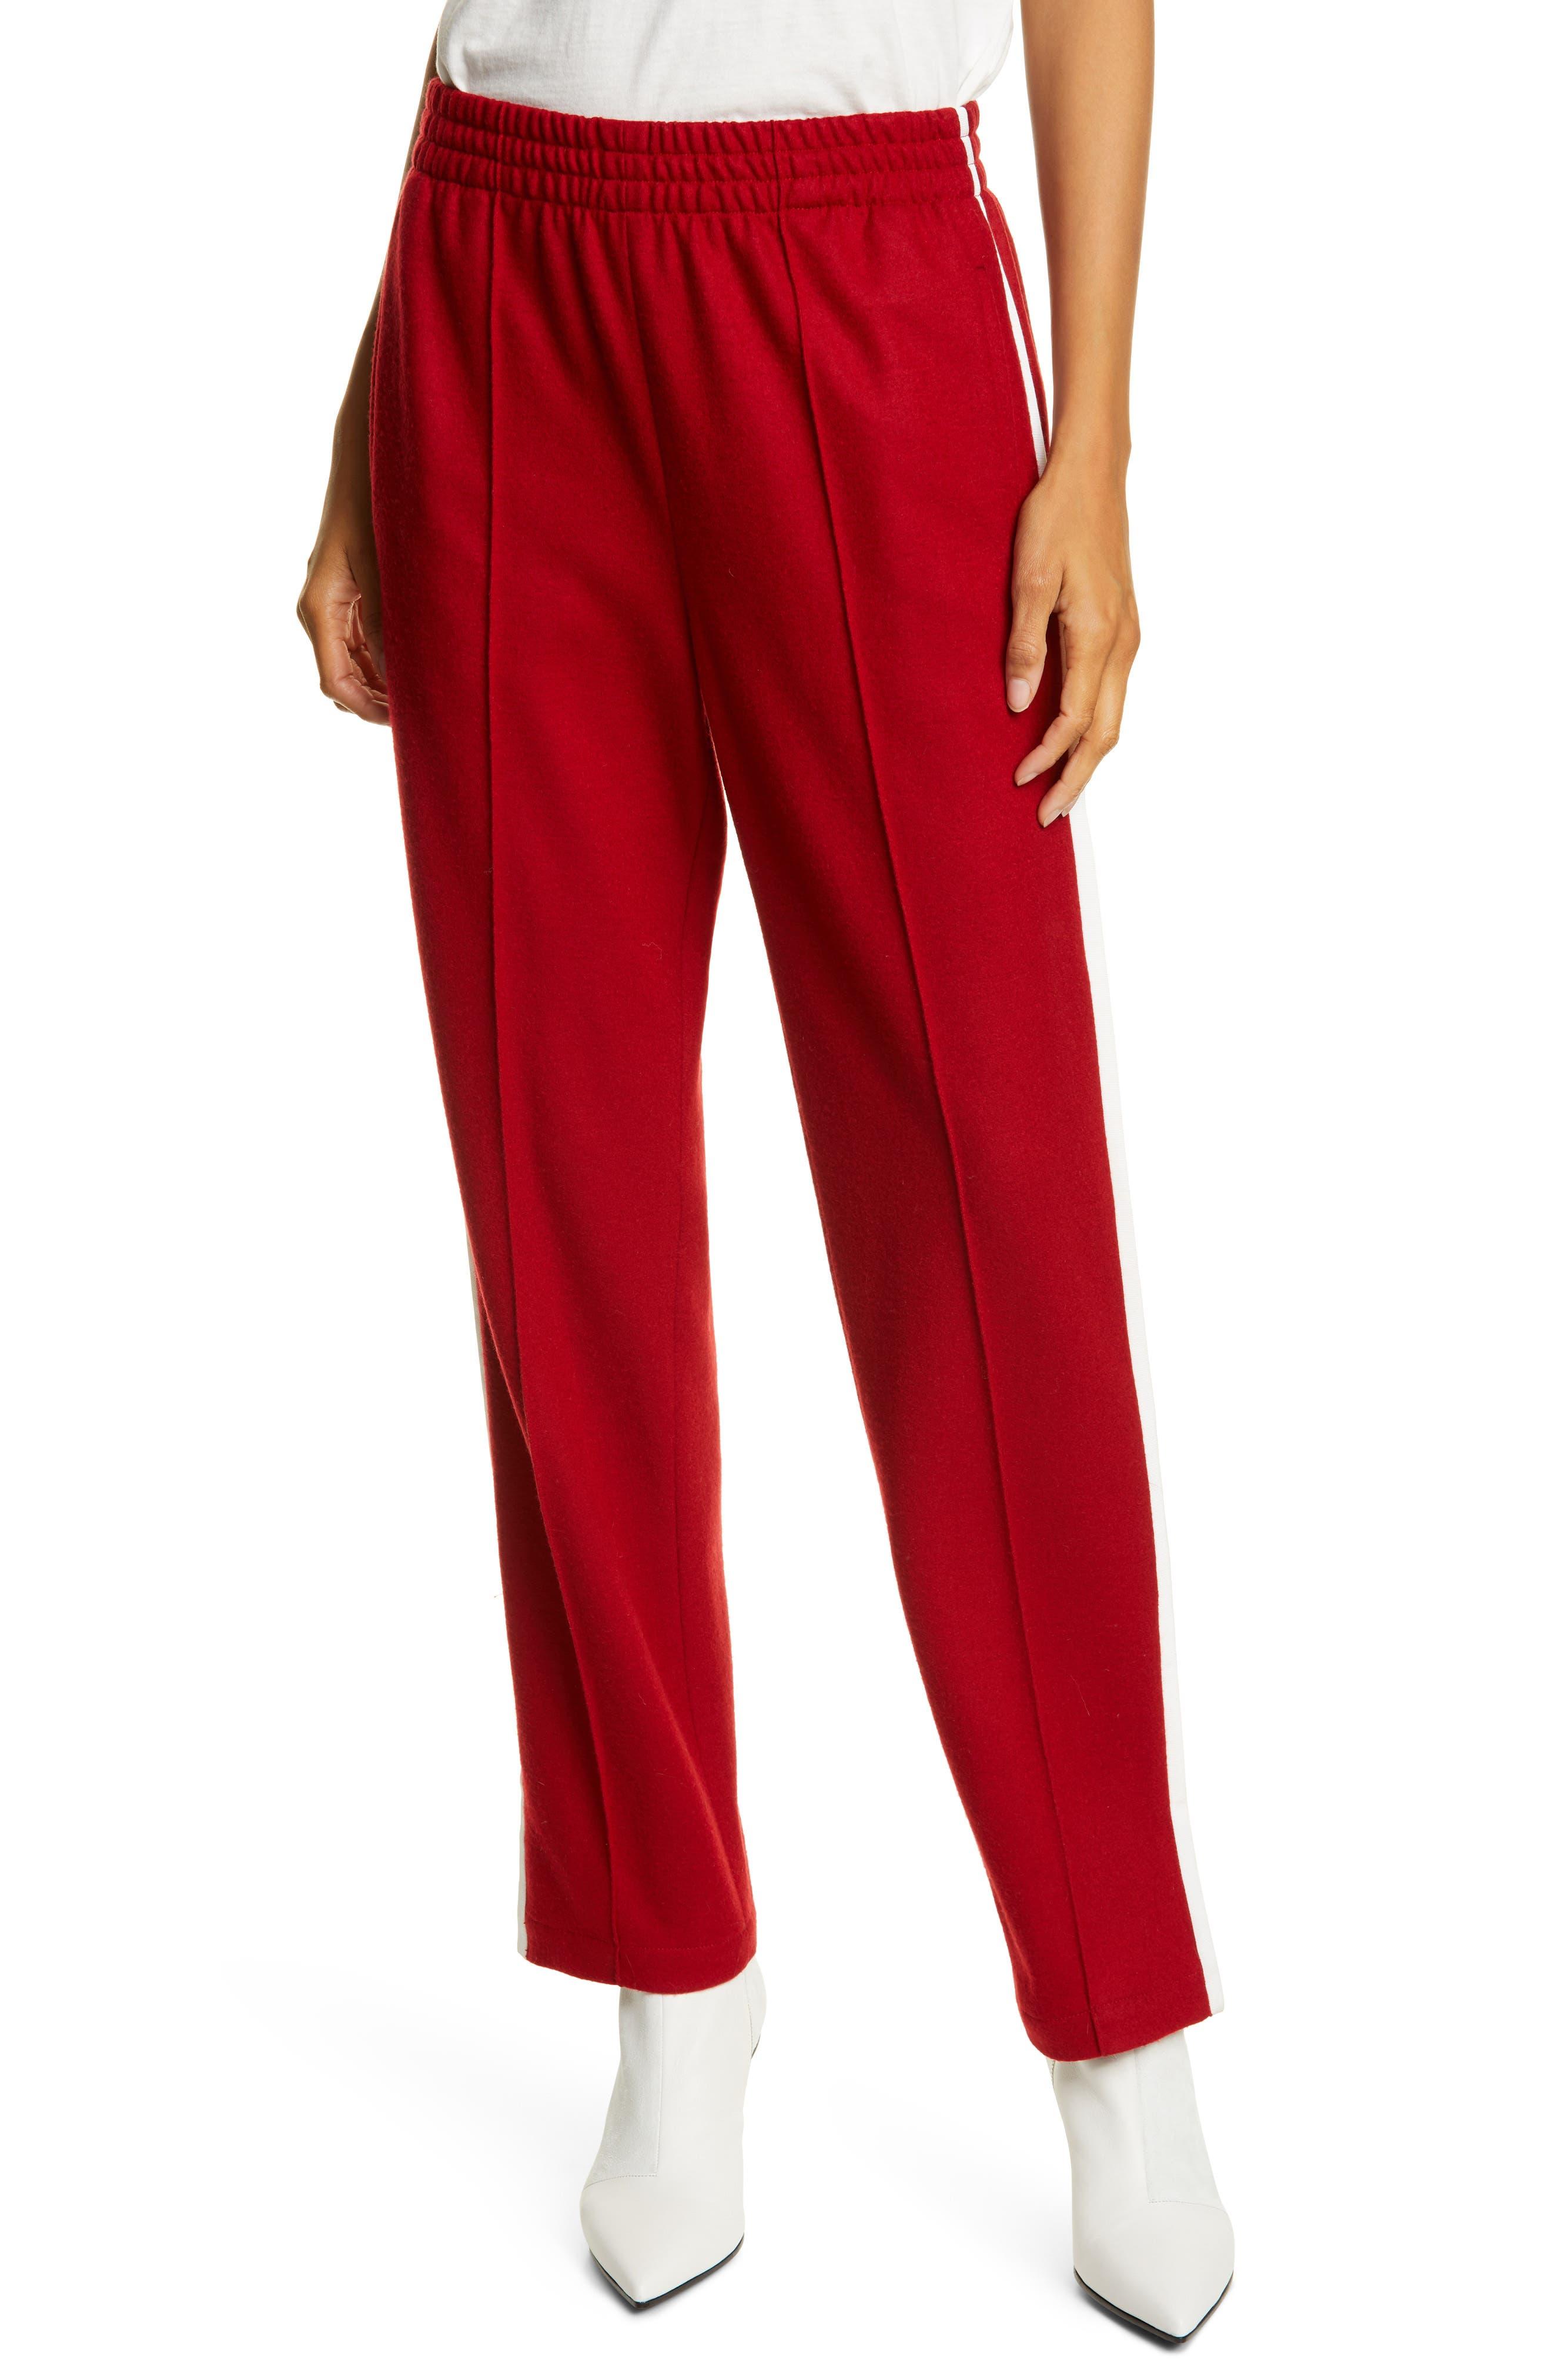 Rag & Bone Pants Rylie Wool Track Pants